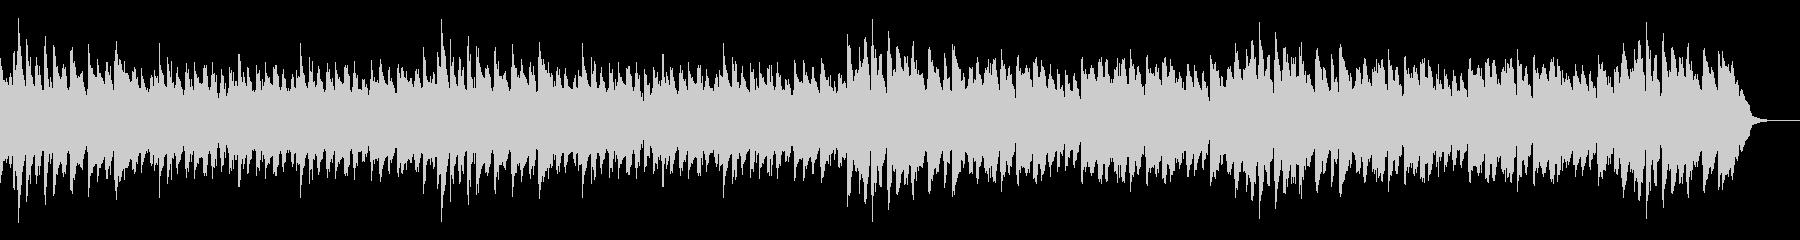 【子供と歌う童謡】ロンドン橋 ピアノの未再生の波形